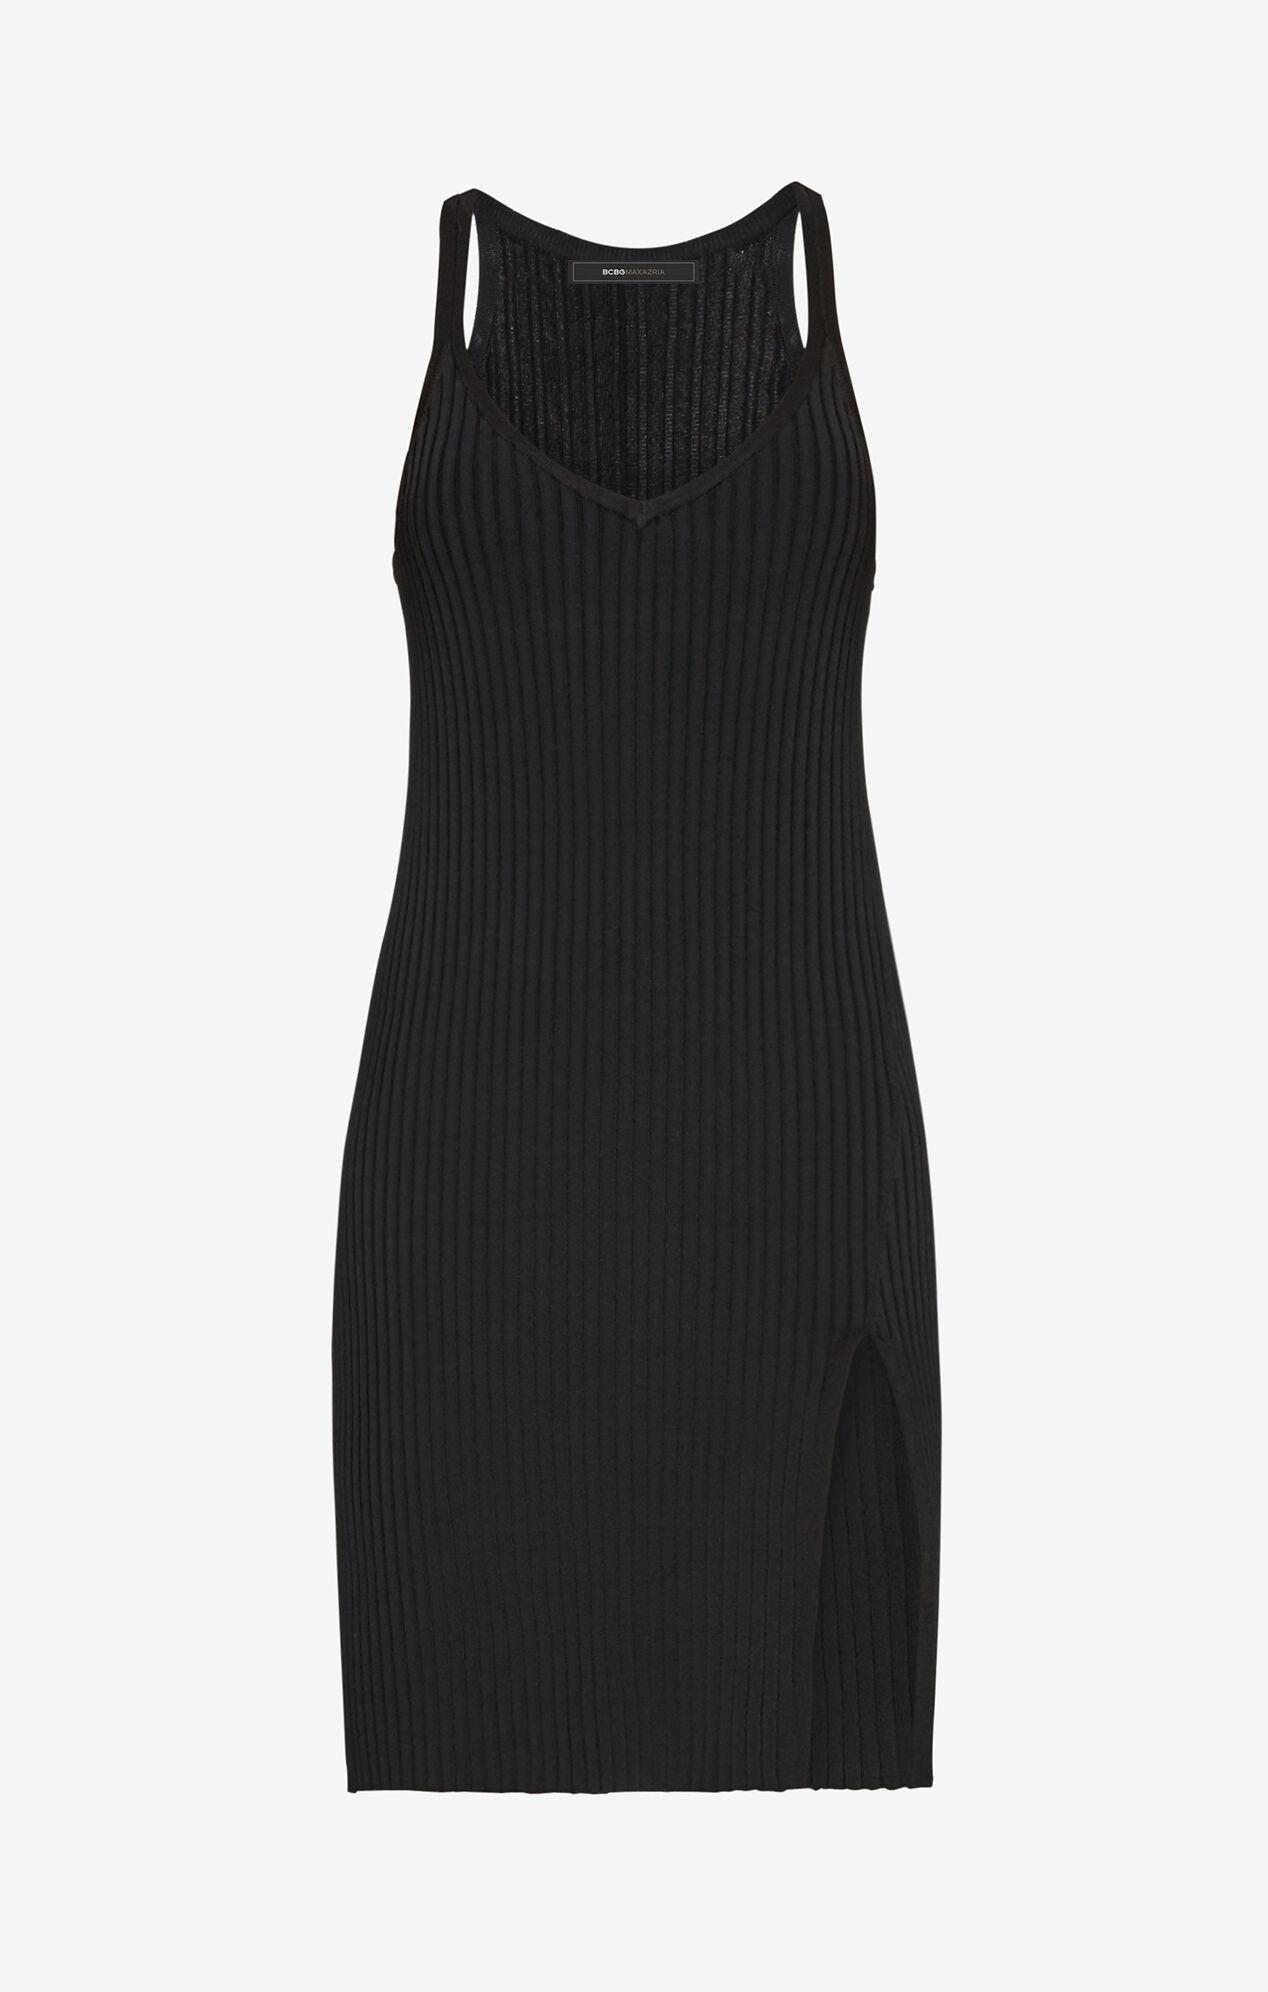 Miri Ribbed Knit Tunic